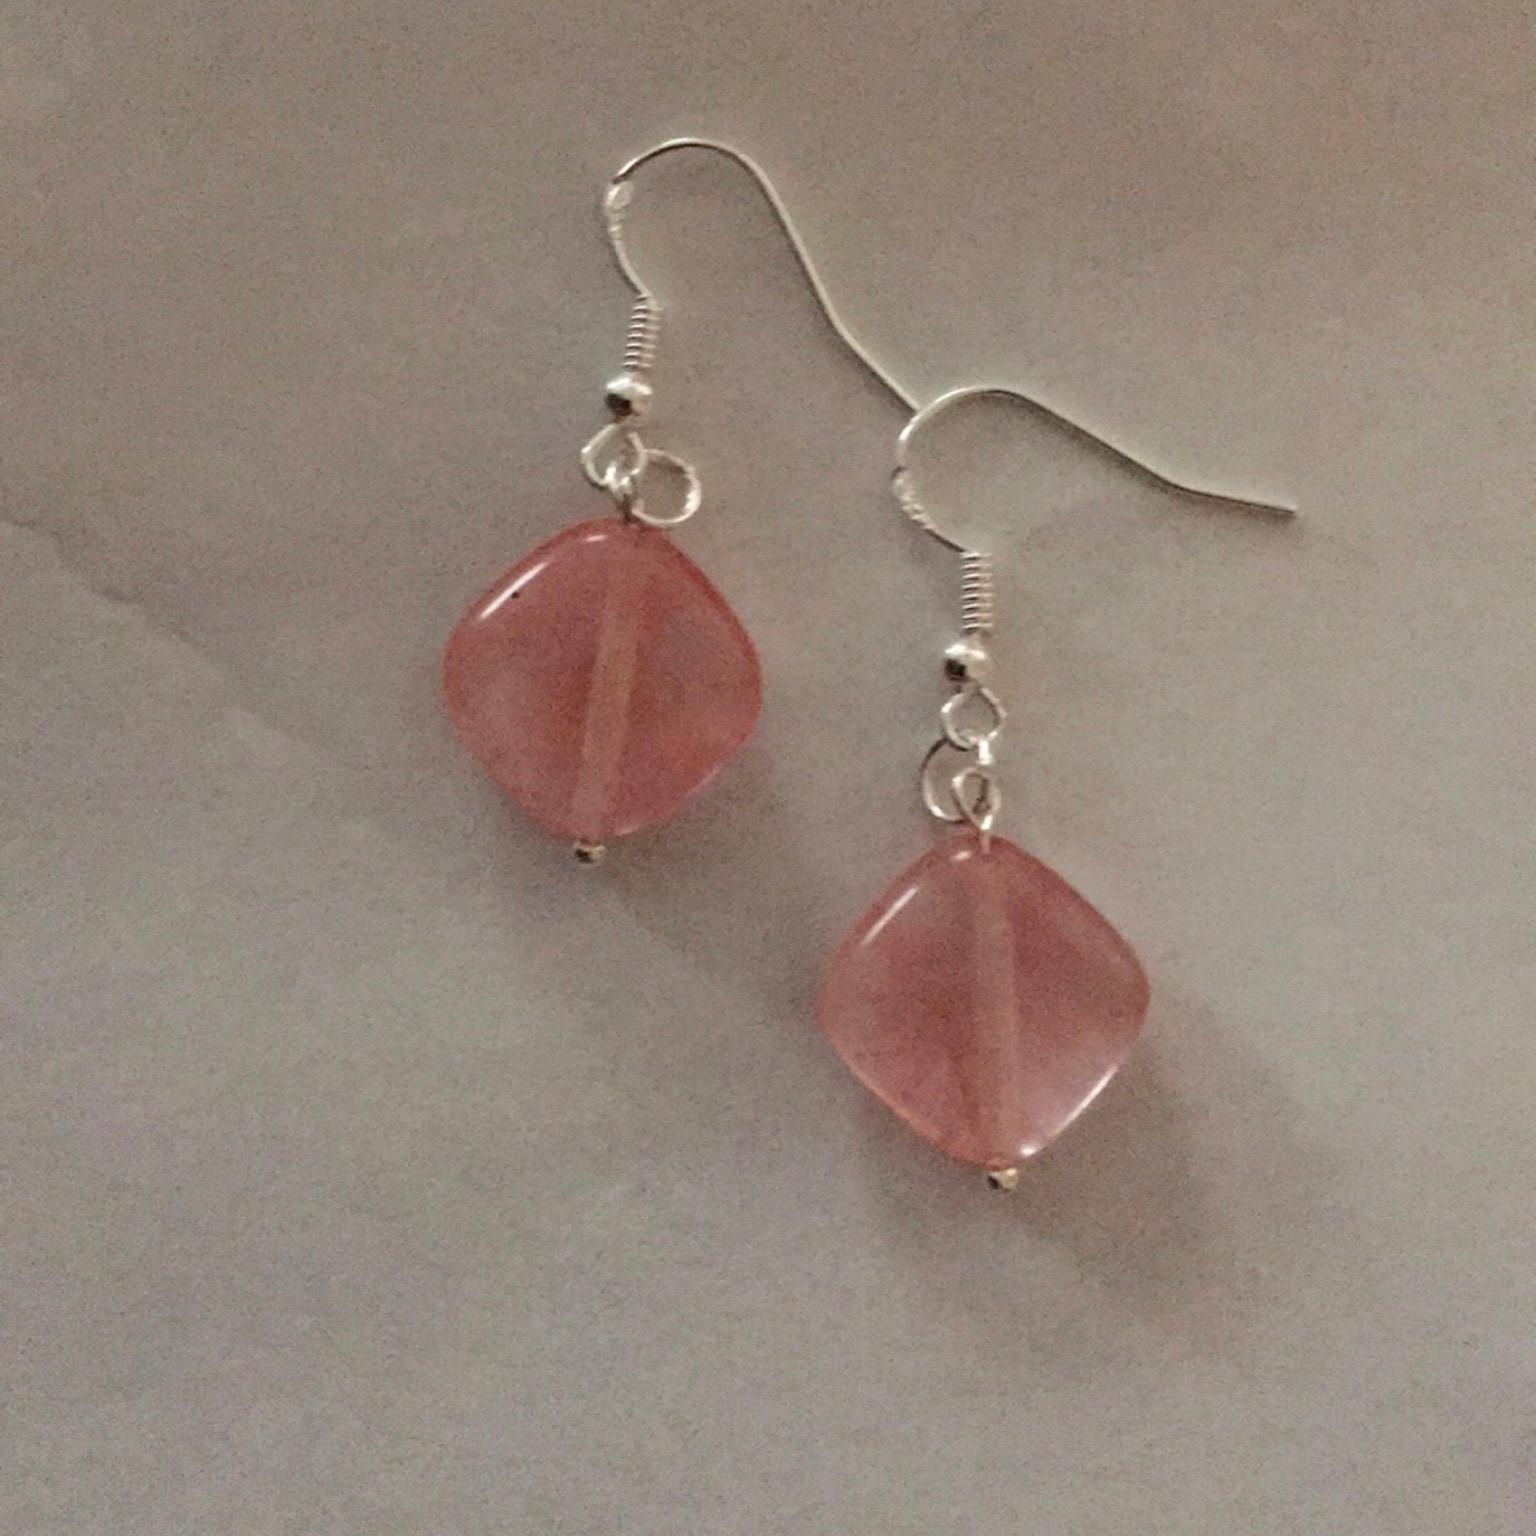 Pink Watermelon Tourmaline Earrings, Sterling Silver